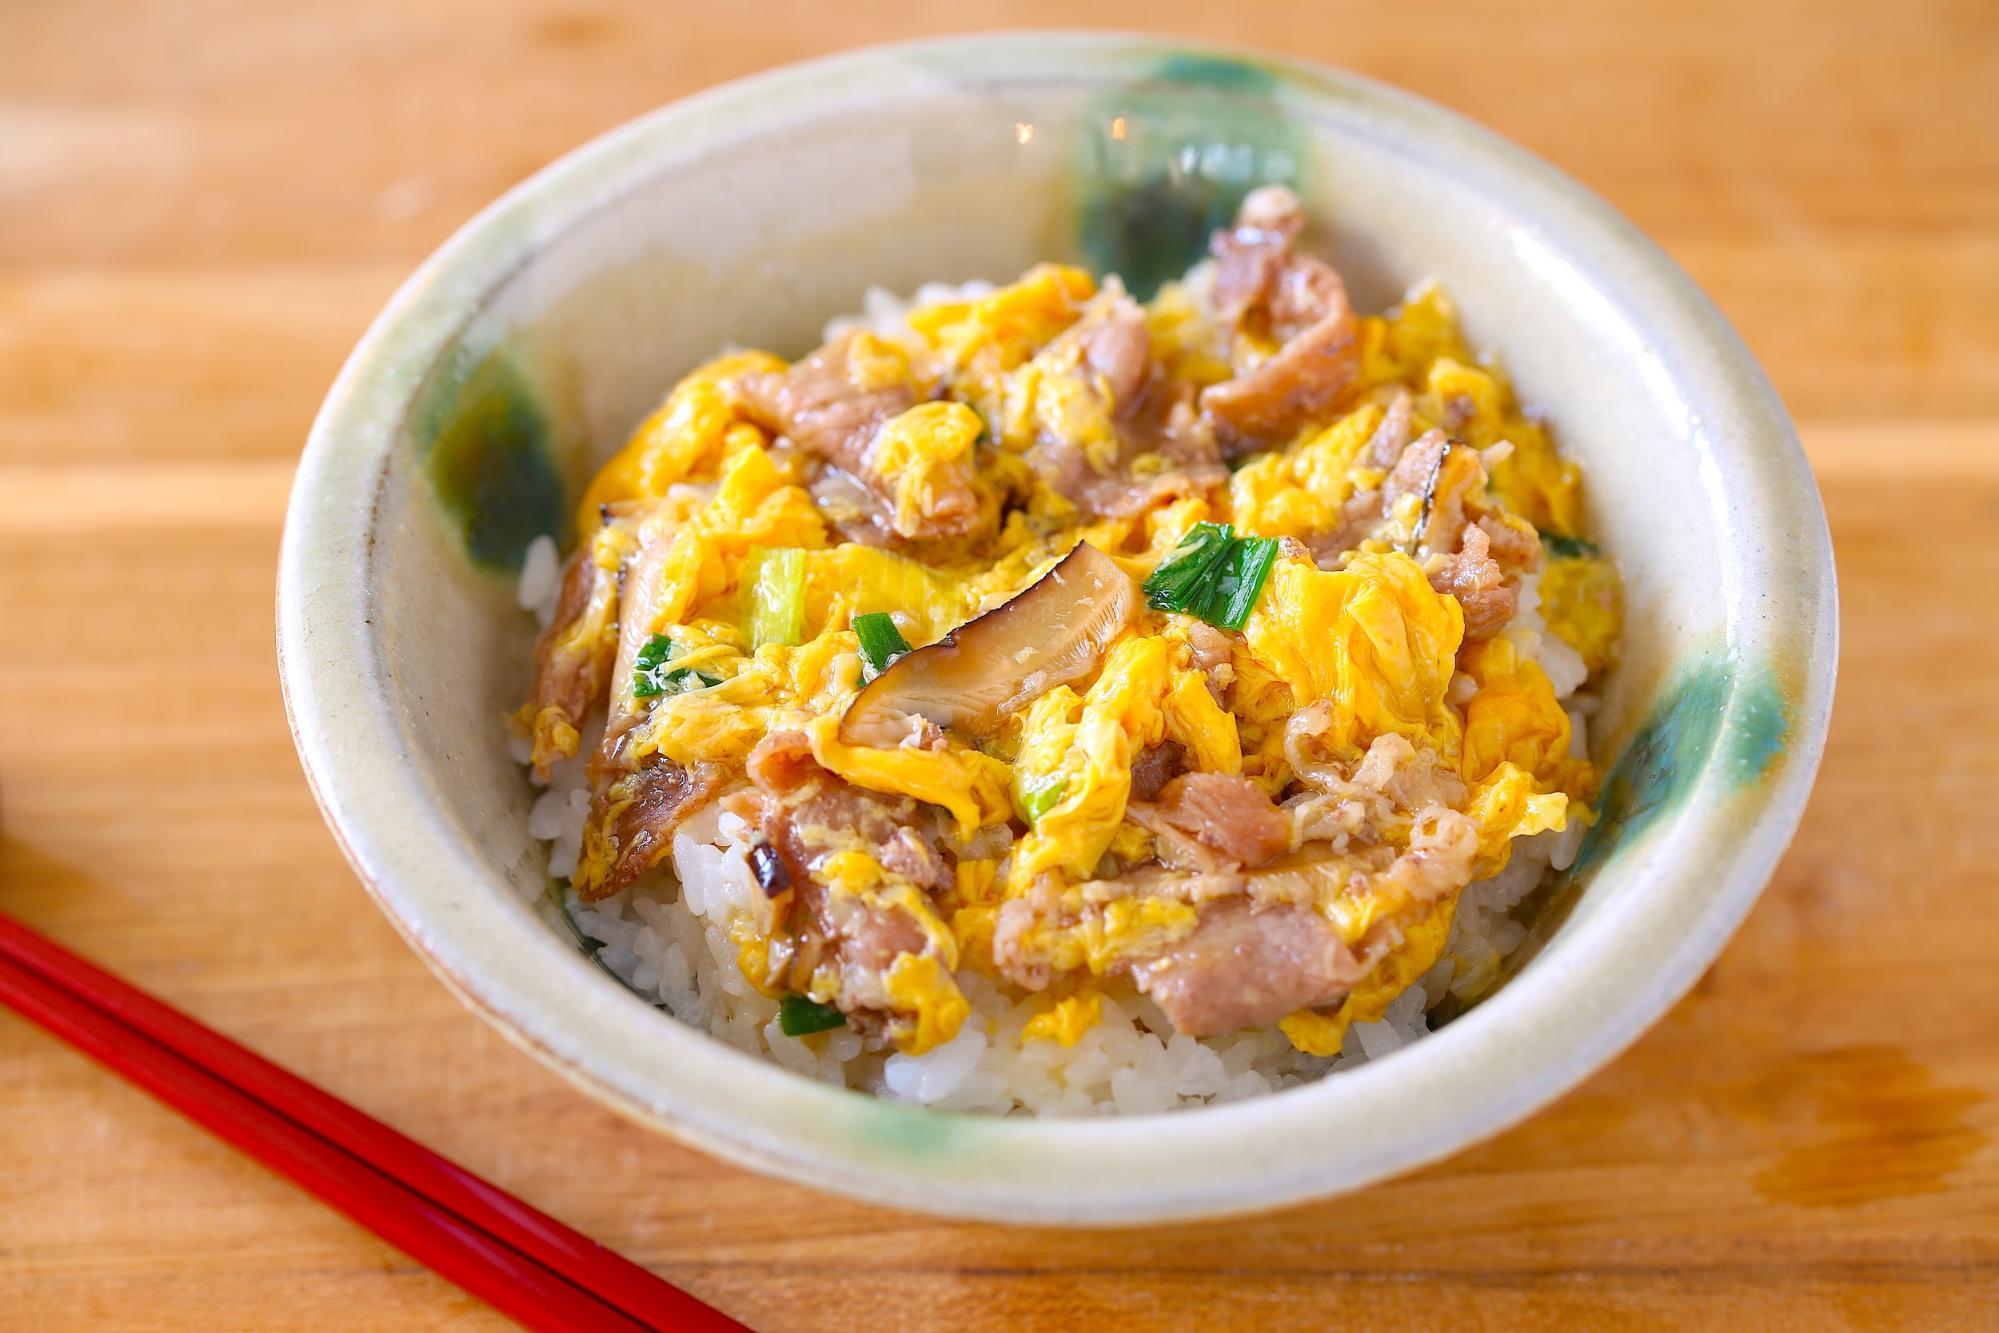 料理研究家も満足する、河瀬璃菜(りな助)さんがおすすめするシメ系フリーズドライ